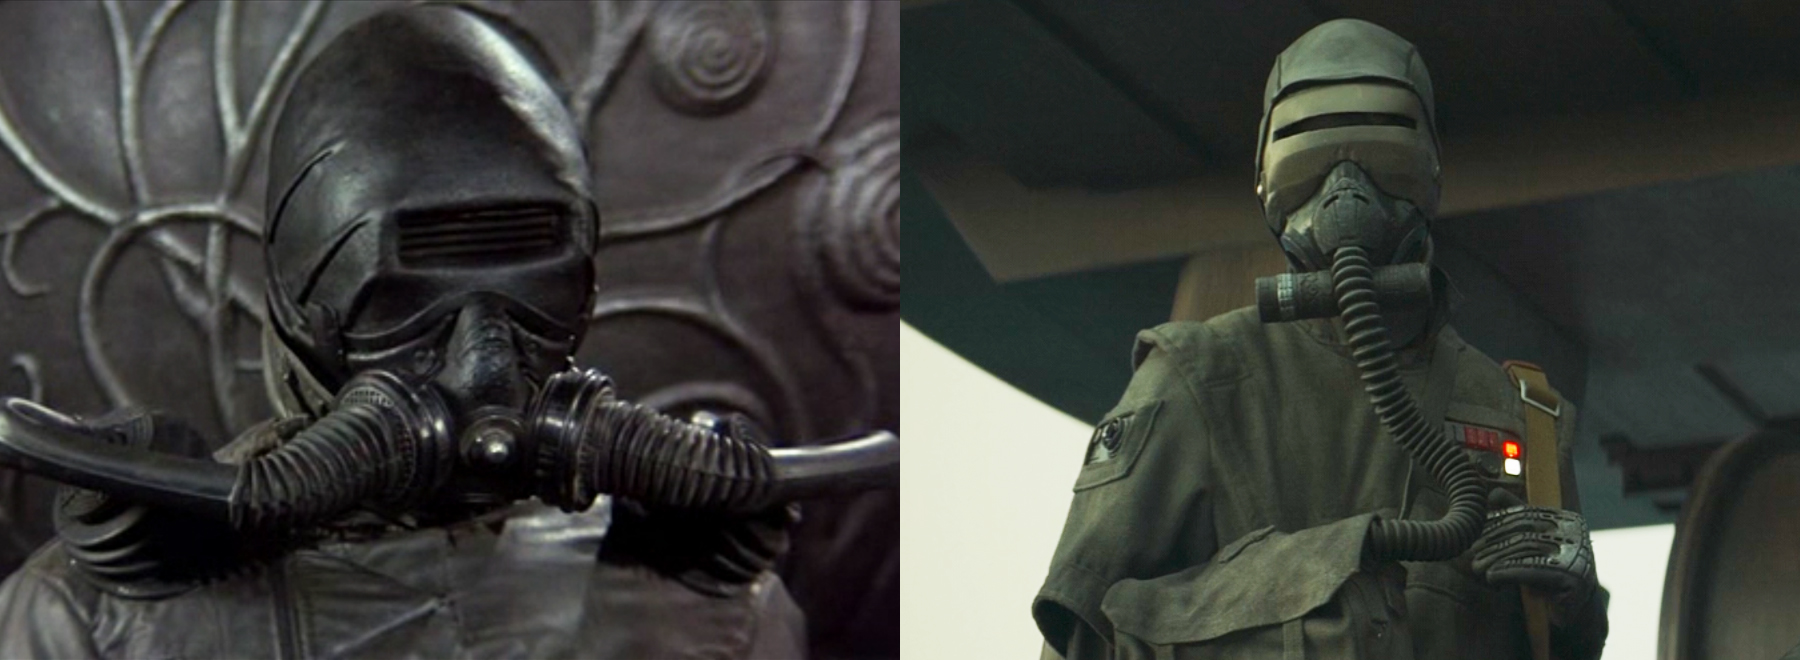 """Les troupes de la ville de Caladan semblent avoir été inspirées par les troupes Harkonnen de 1984 """"Dune"""" film."""